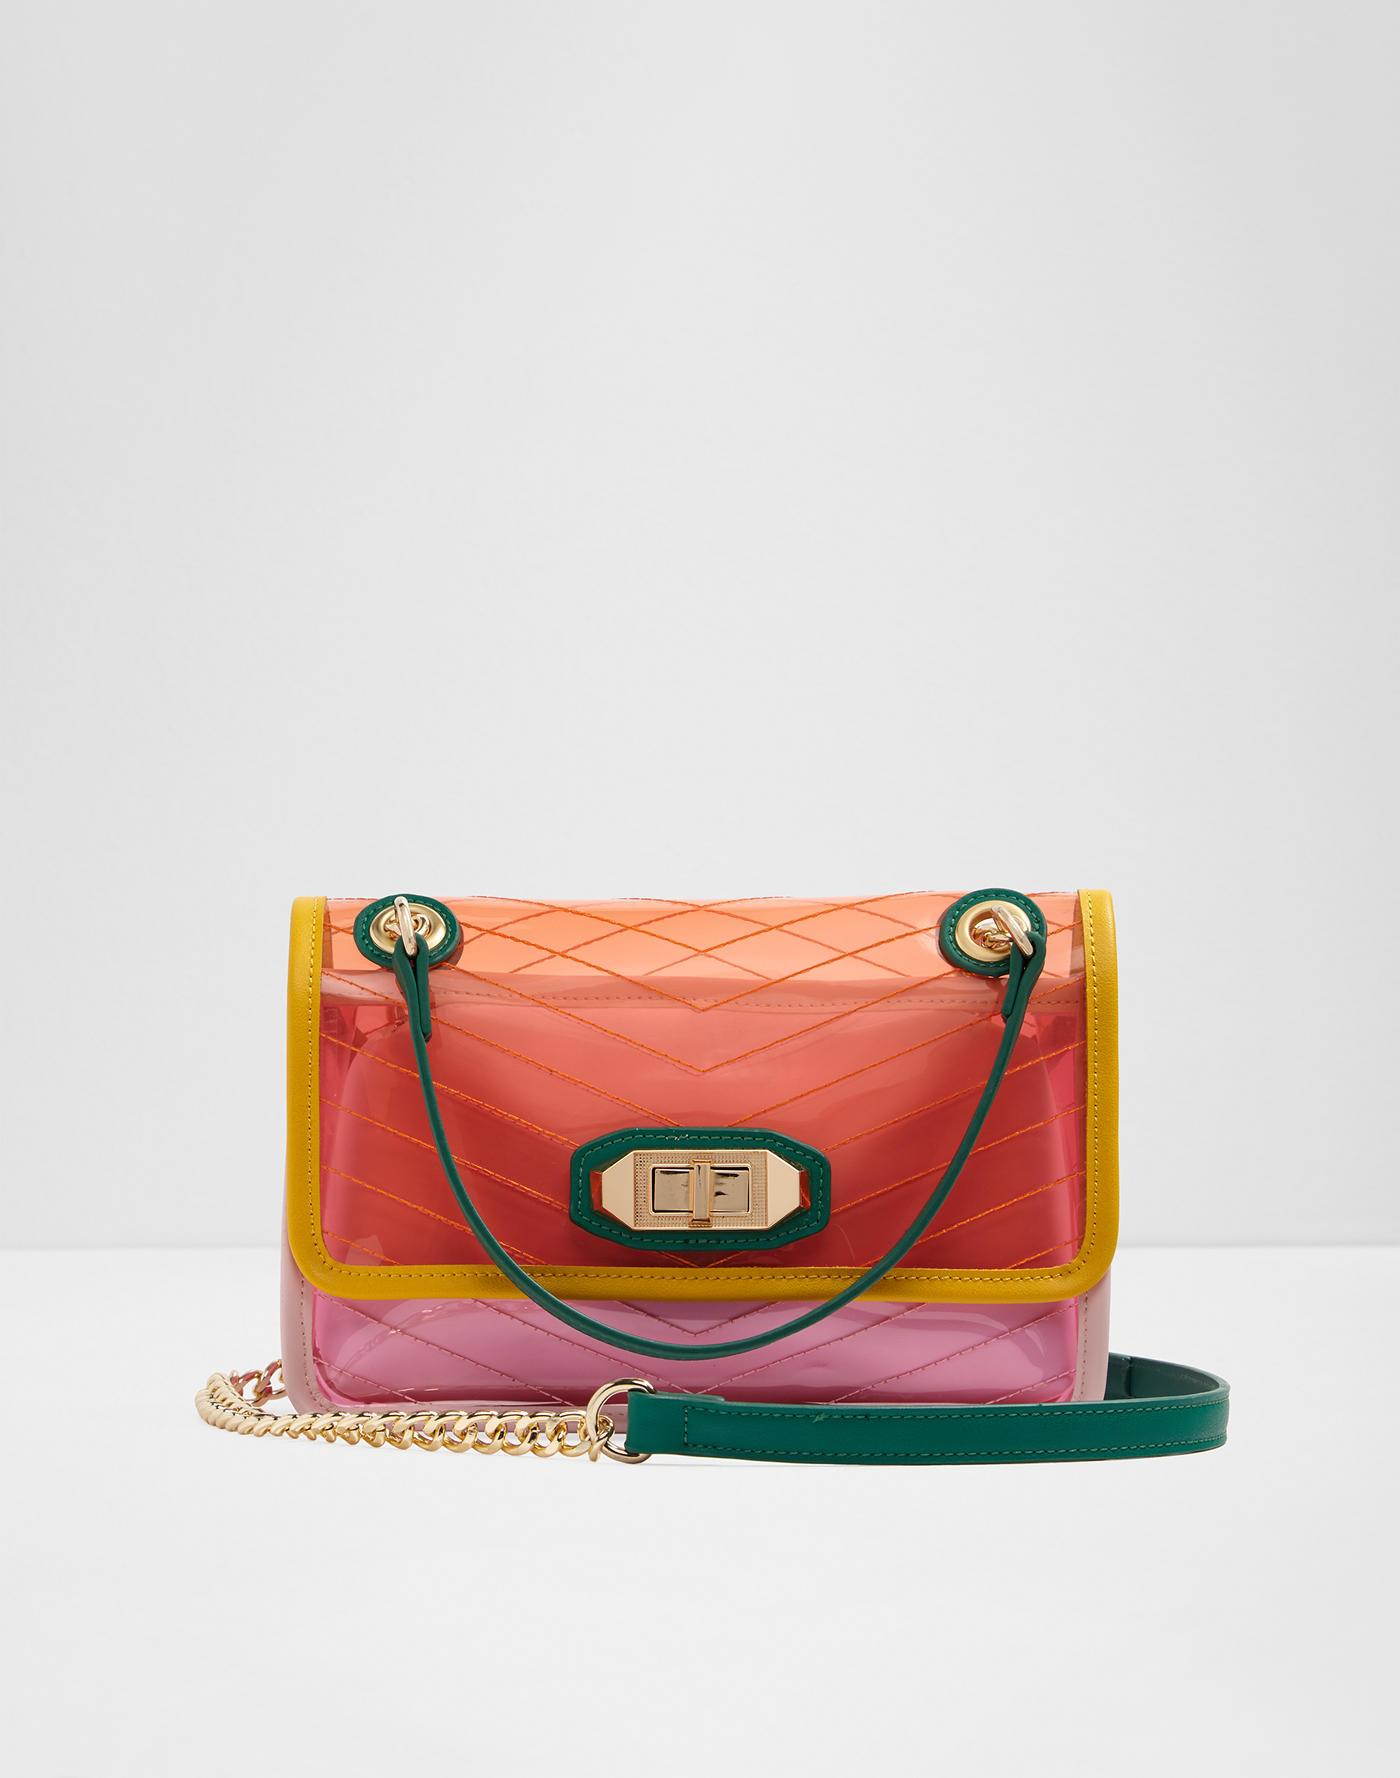 Handbags for Women   ALDO Canada 30c163041a